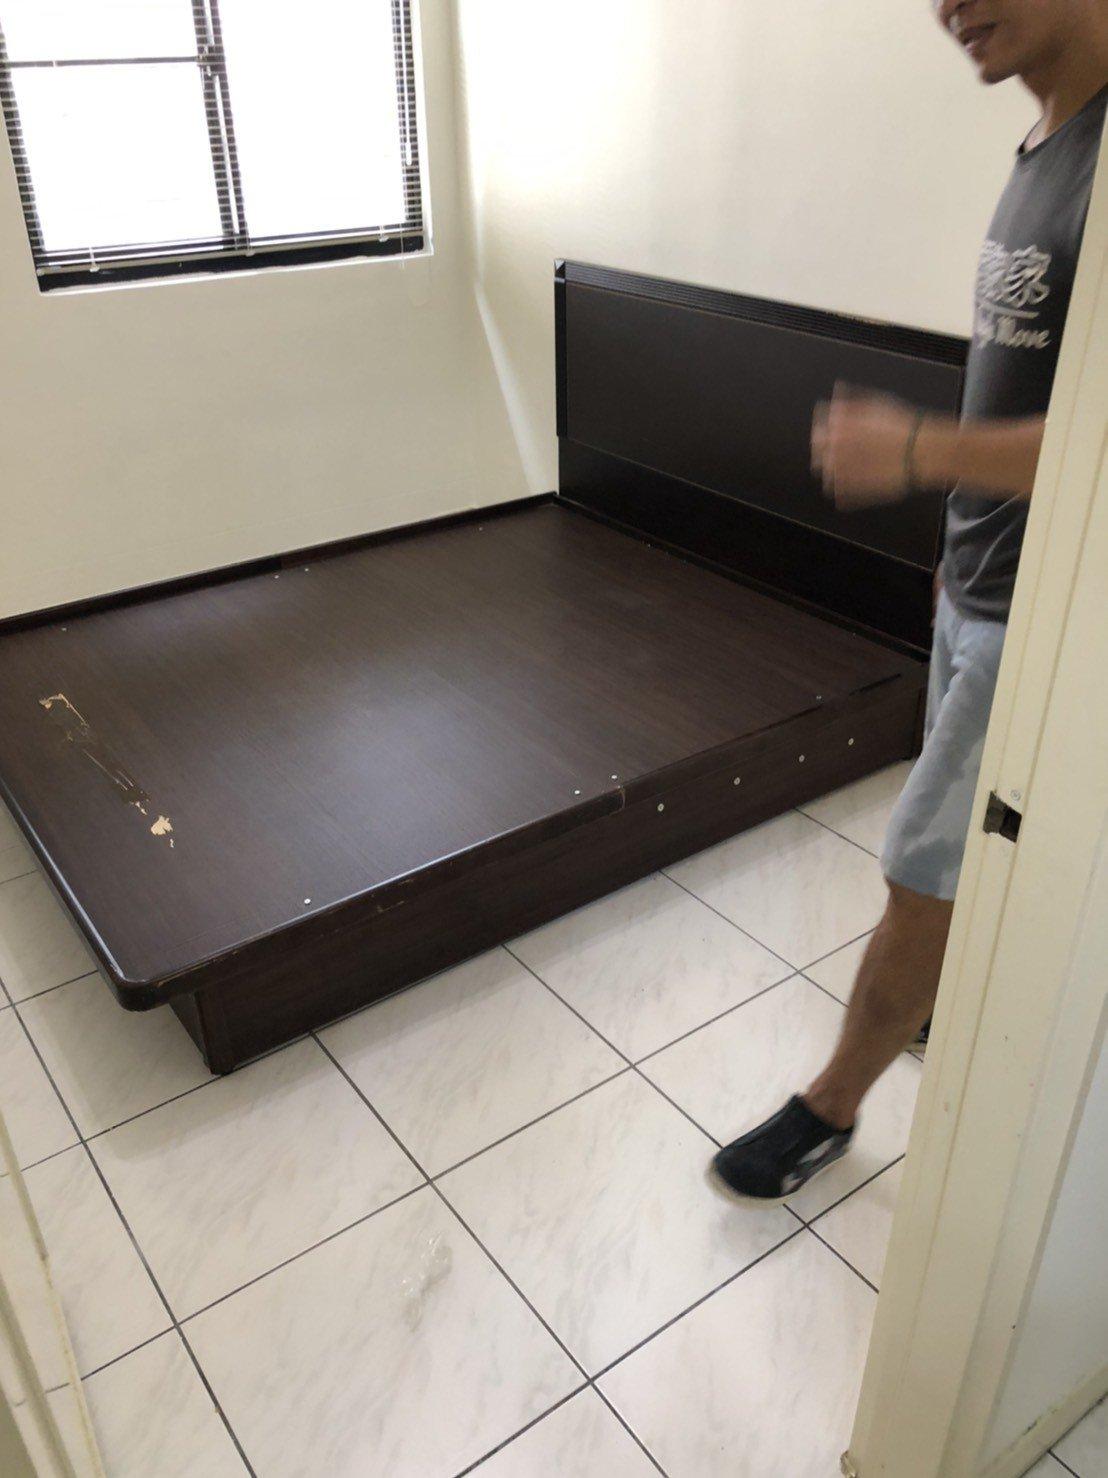 台北新北搬家【榮福搬家公司】搬沙發、搬傢具、拆裝掀床是您最好的搬家品牌選擇,搬家口碑第一、搬家首選服務五顆星(掀床拆裝搬運)